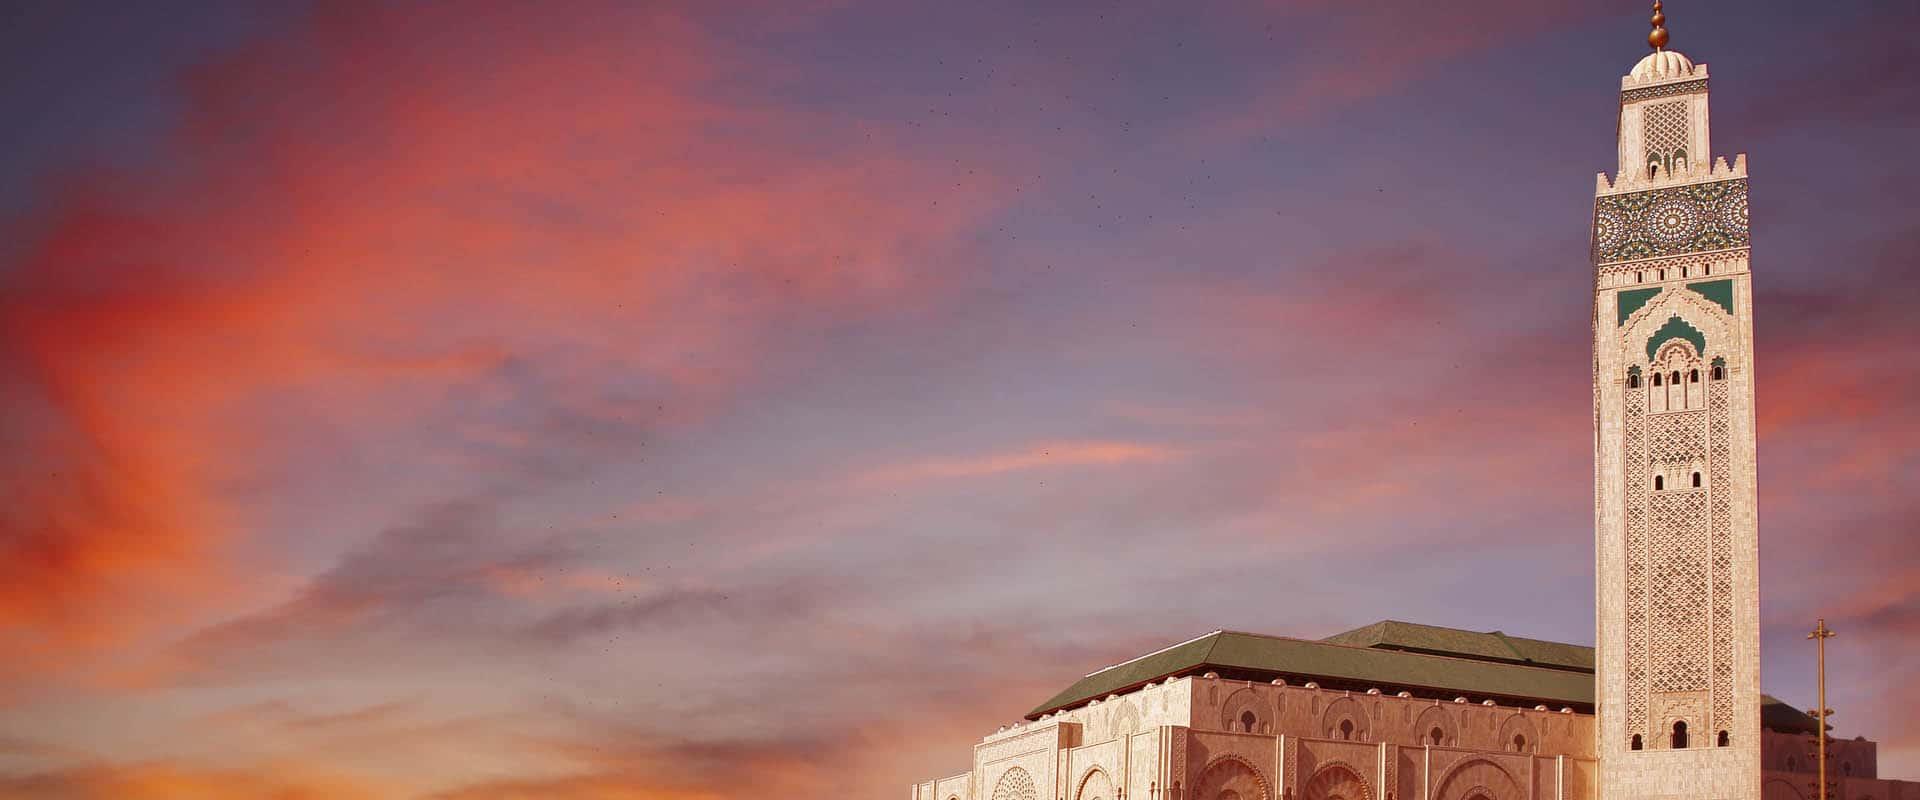 عيد الفطر 2021 و2022 و 2023 في المغرب Publicholidays Africa